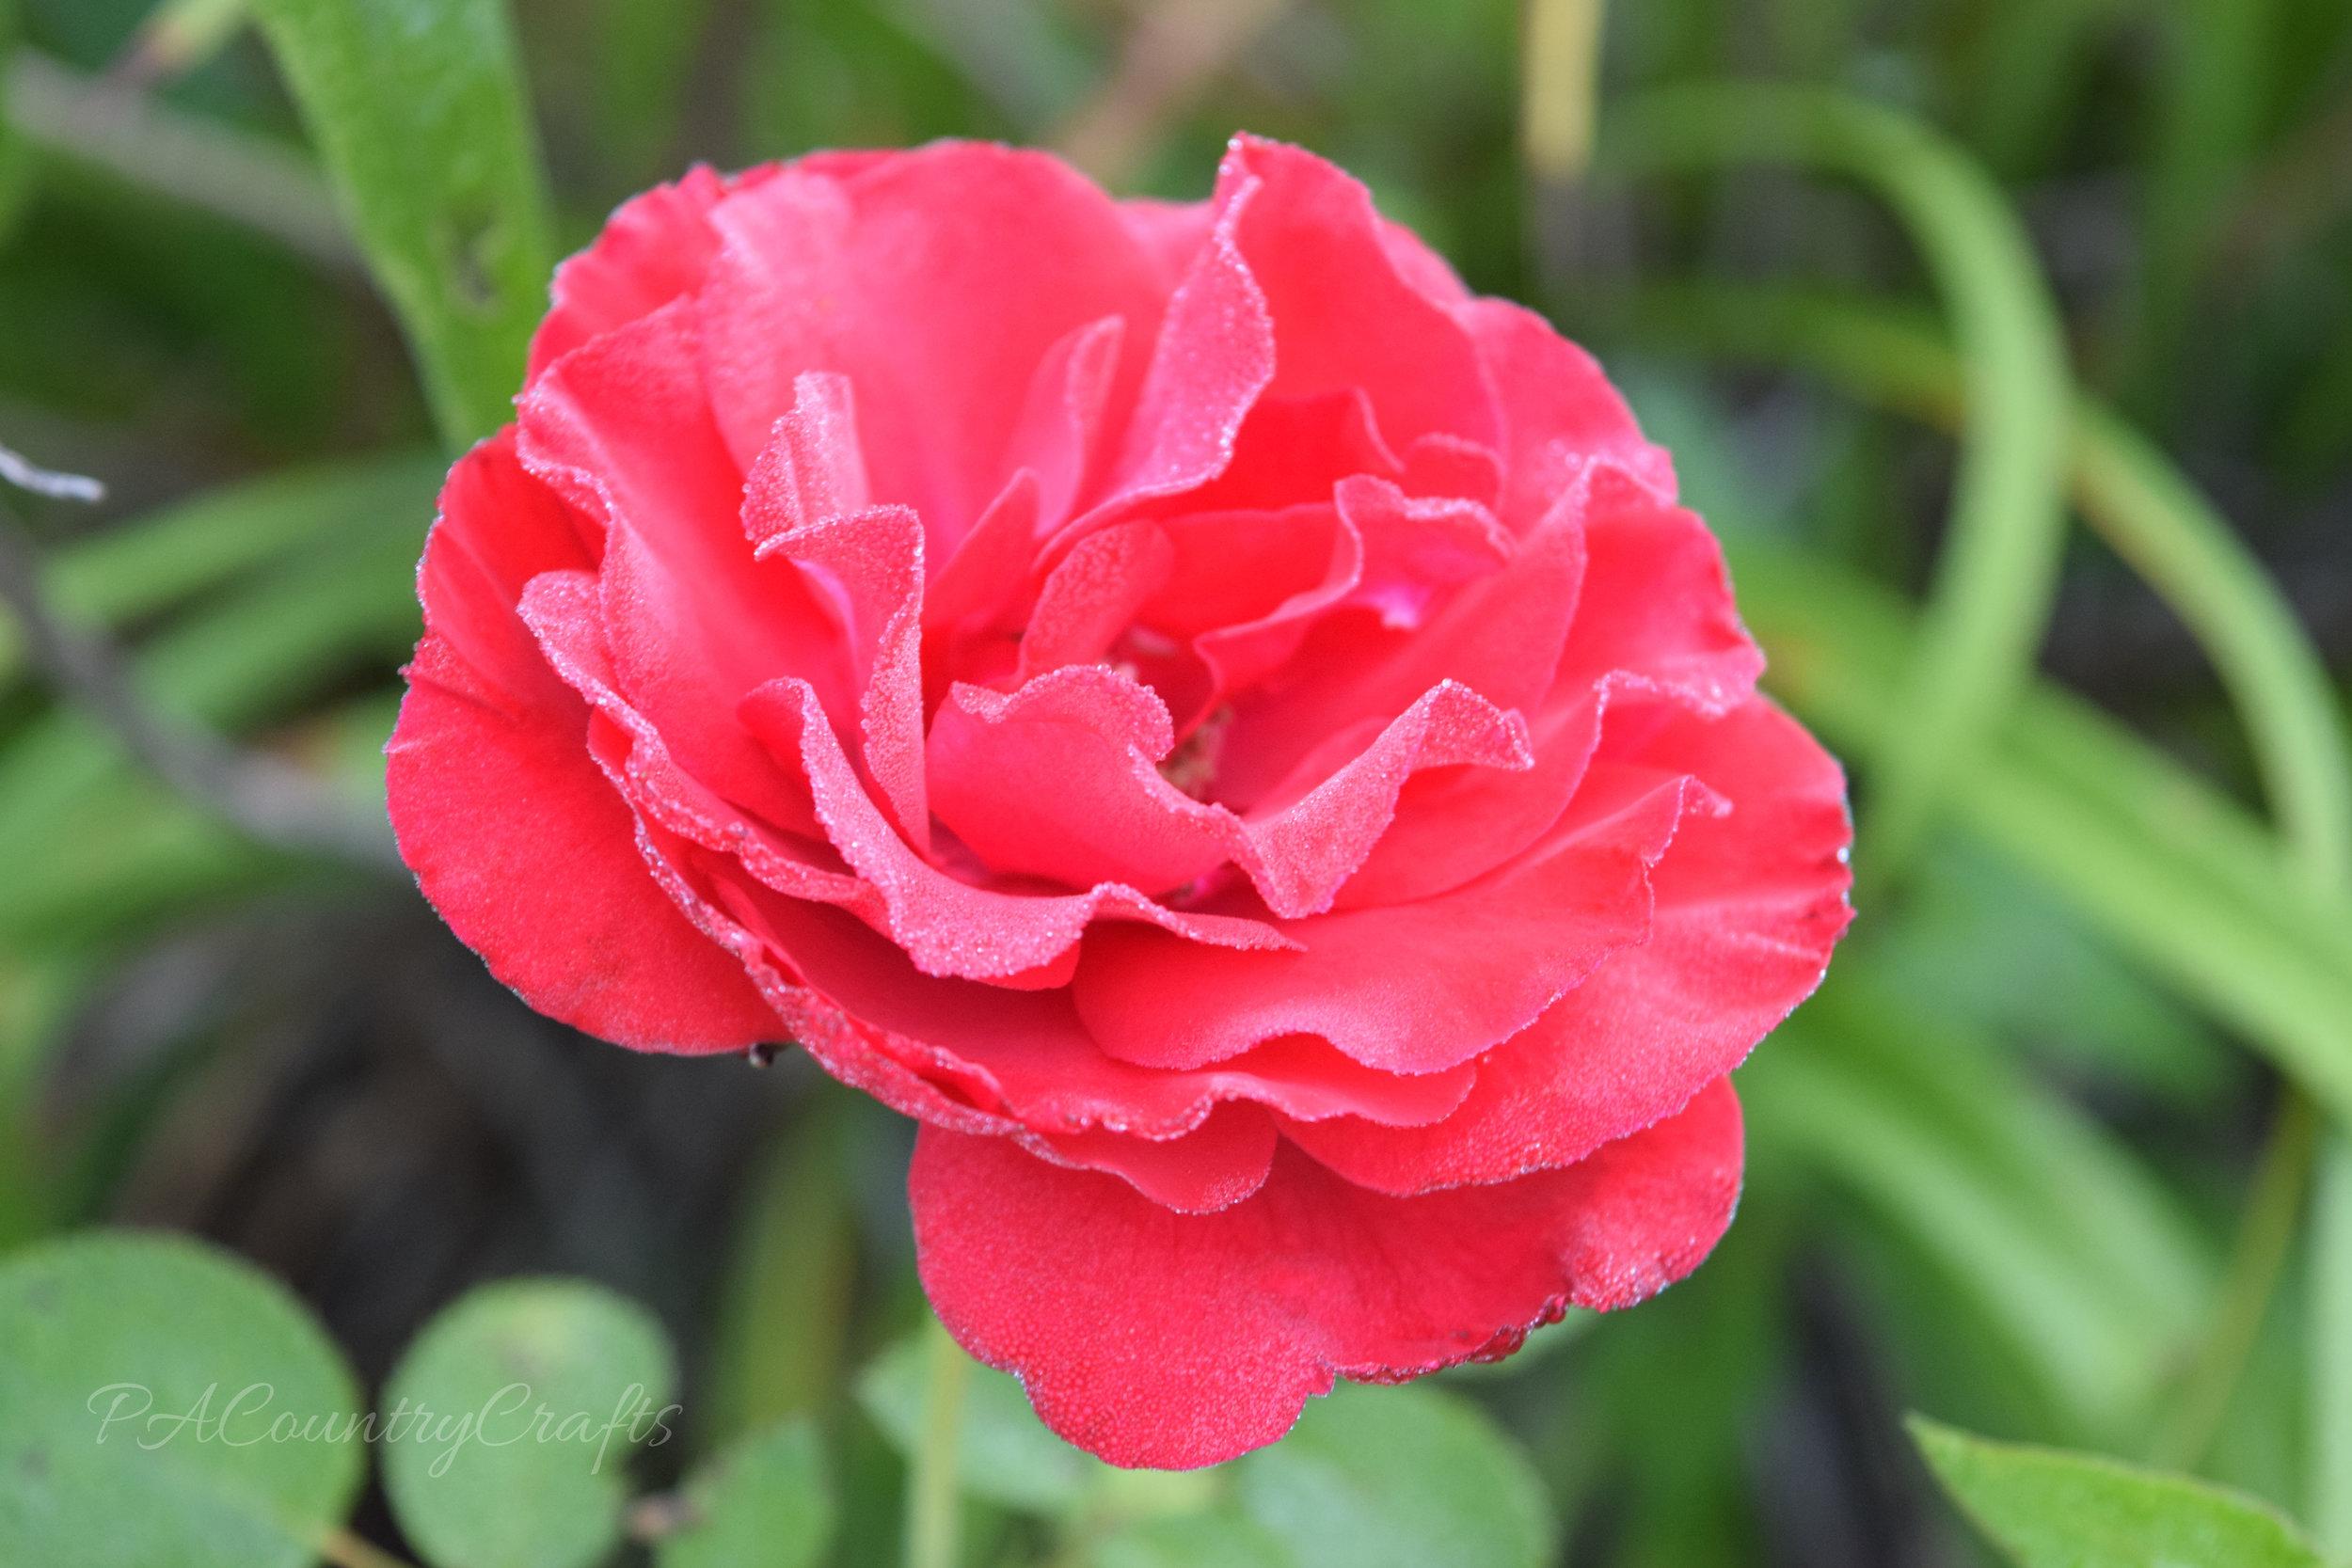 dew on a rose